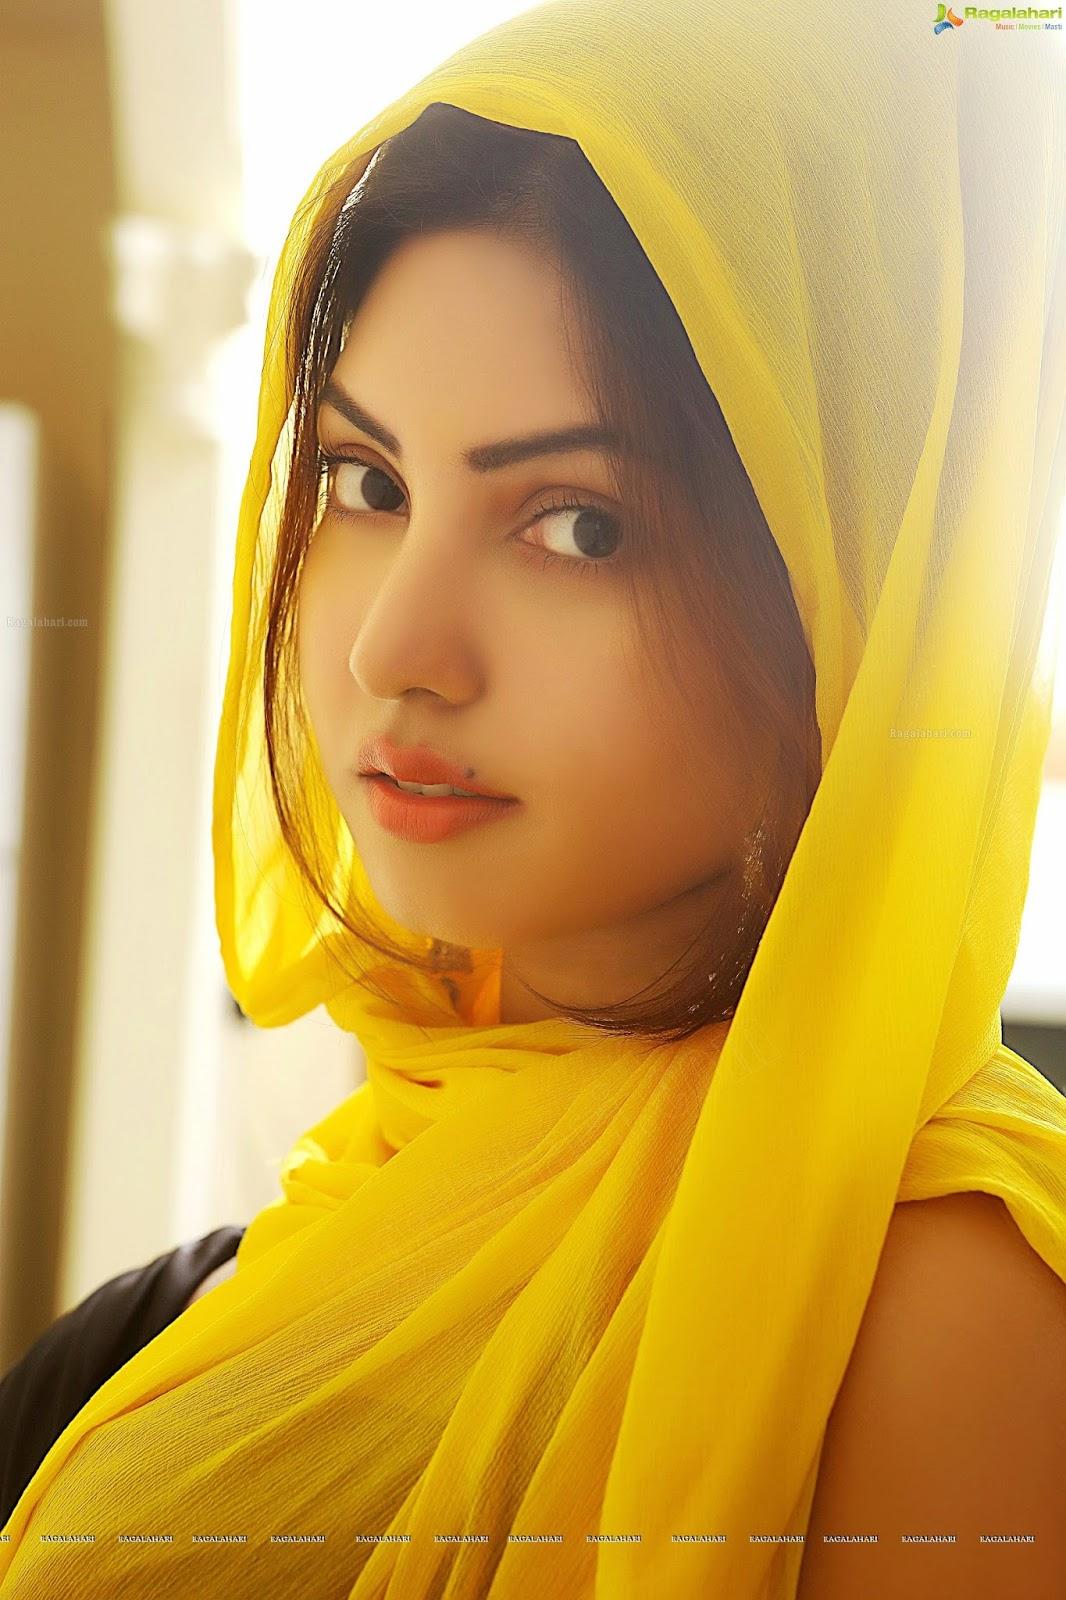 Cute and simple muslims girls wallpaper for facebook - Sari Info